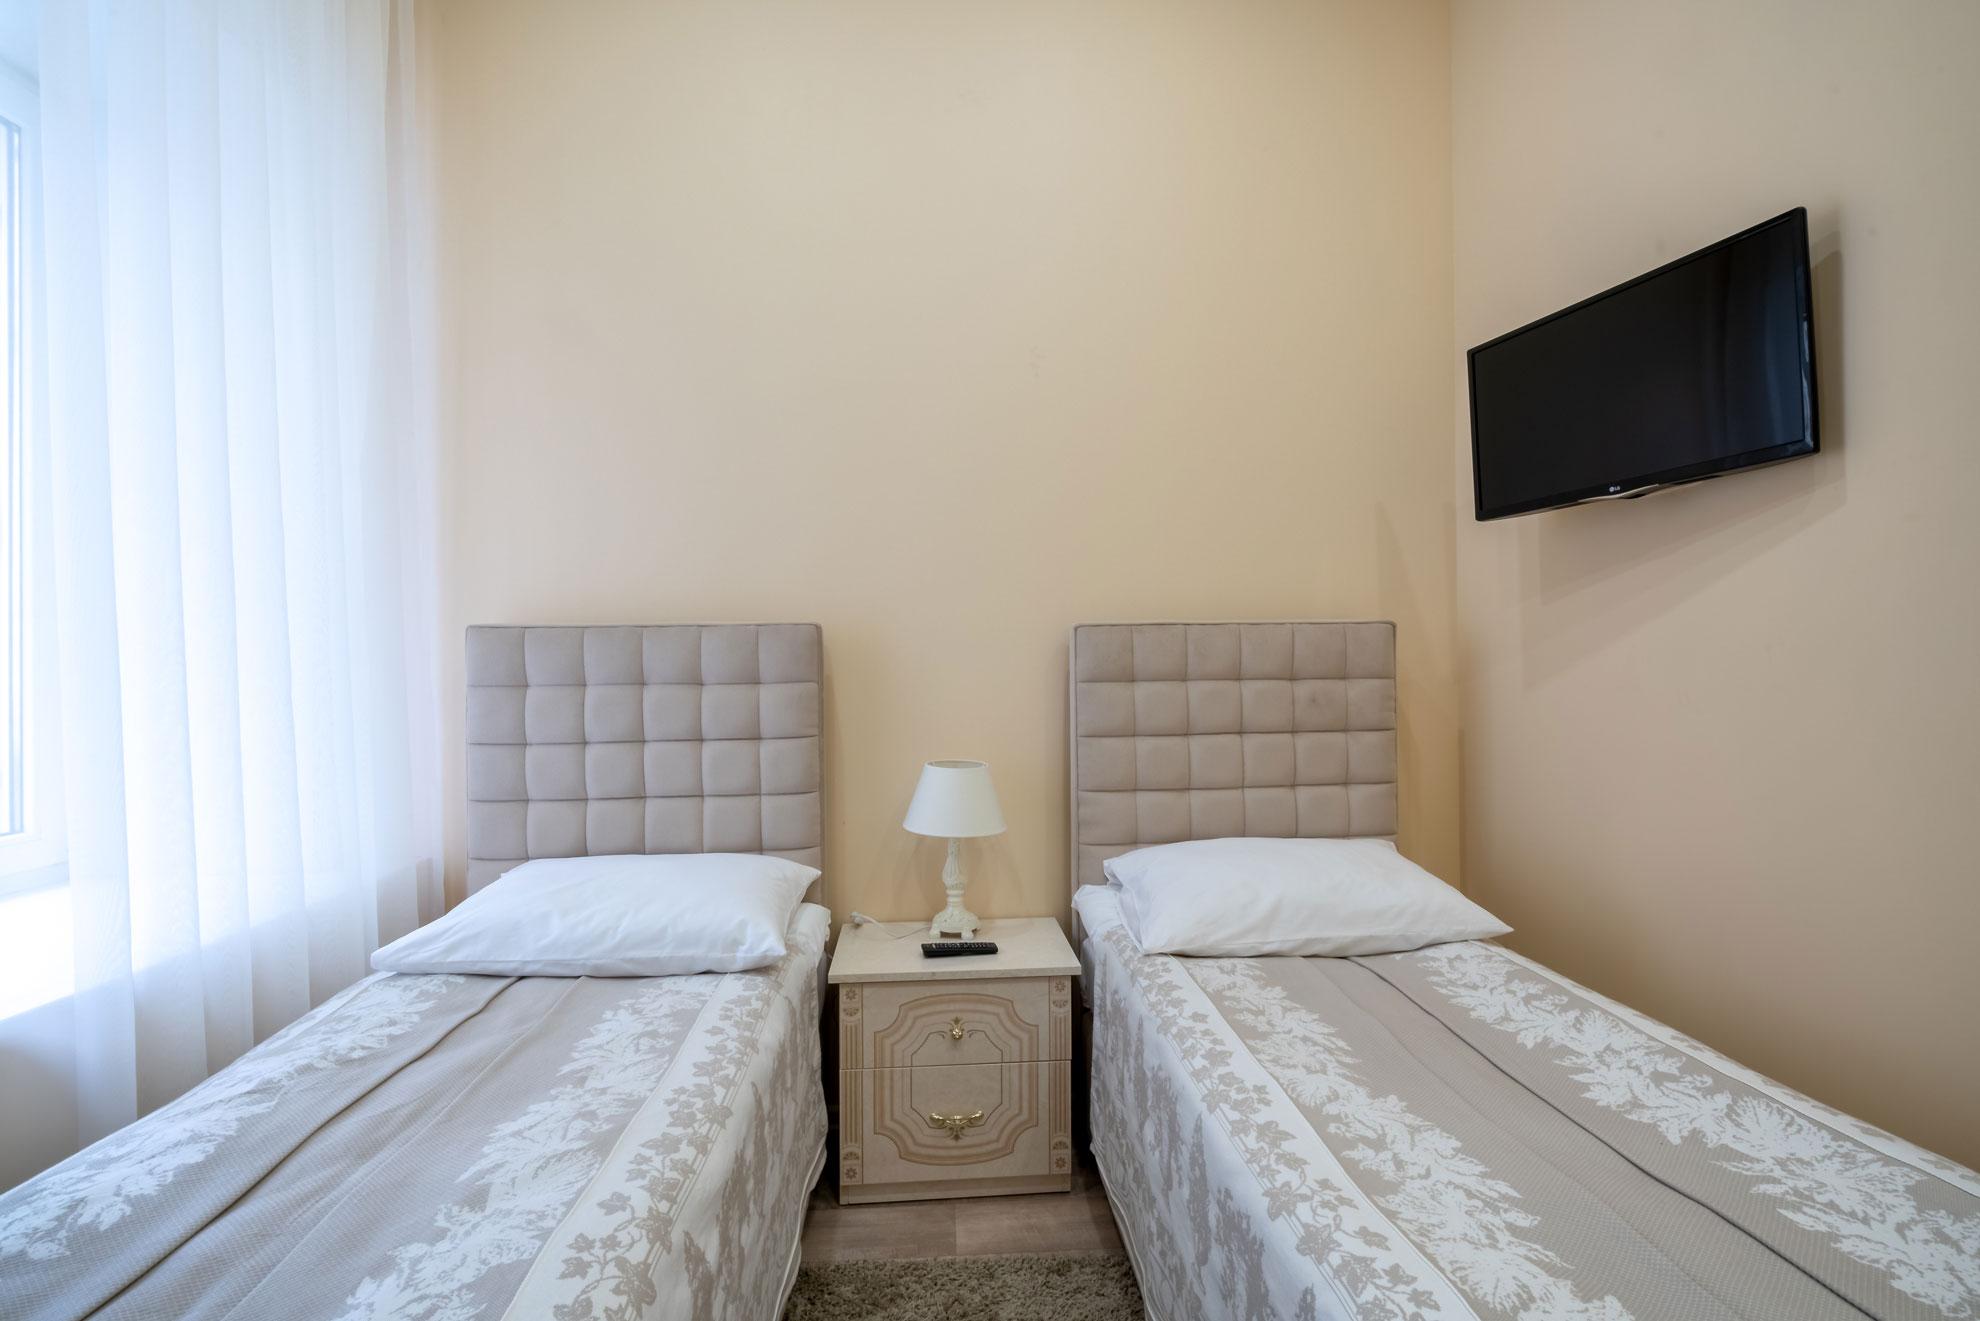 Мини-отель-Адель,-номер-Стандарт-(2-кровати).